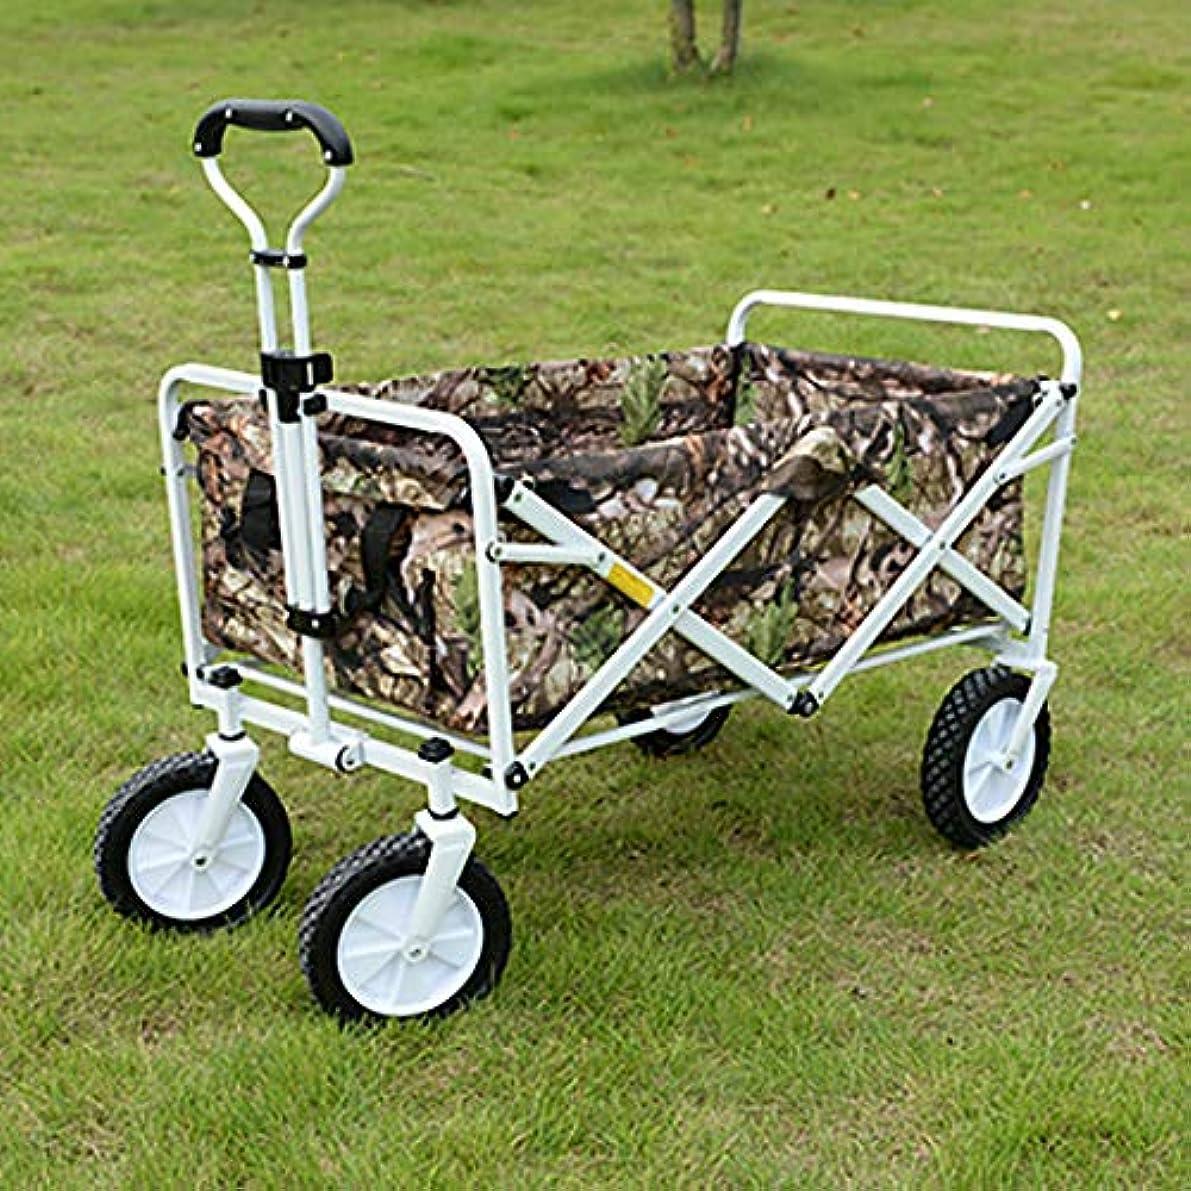 言い直す遺伝的かまどYGUOZ アウトドアワゴン 折りたたみ、2 ブレーキ、キャリーワゴン 携帯型 軽量、側壁 すべての地形に適しています(耐荷重 75kg / 165 lbs),Camouflage